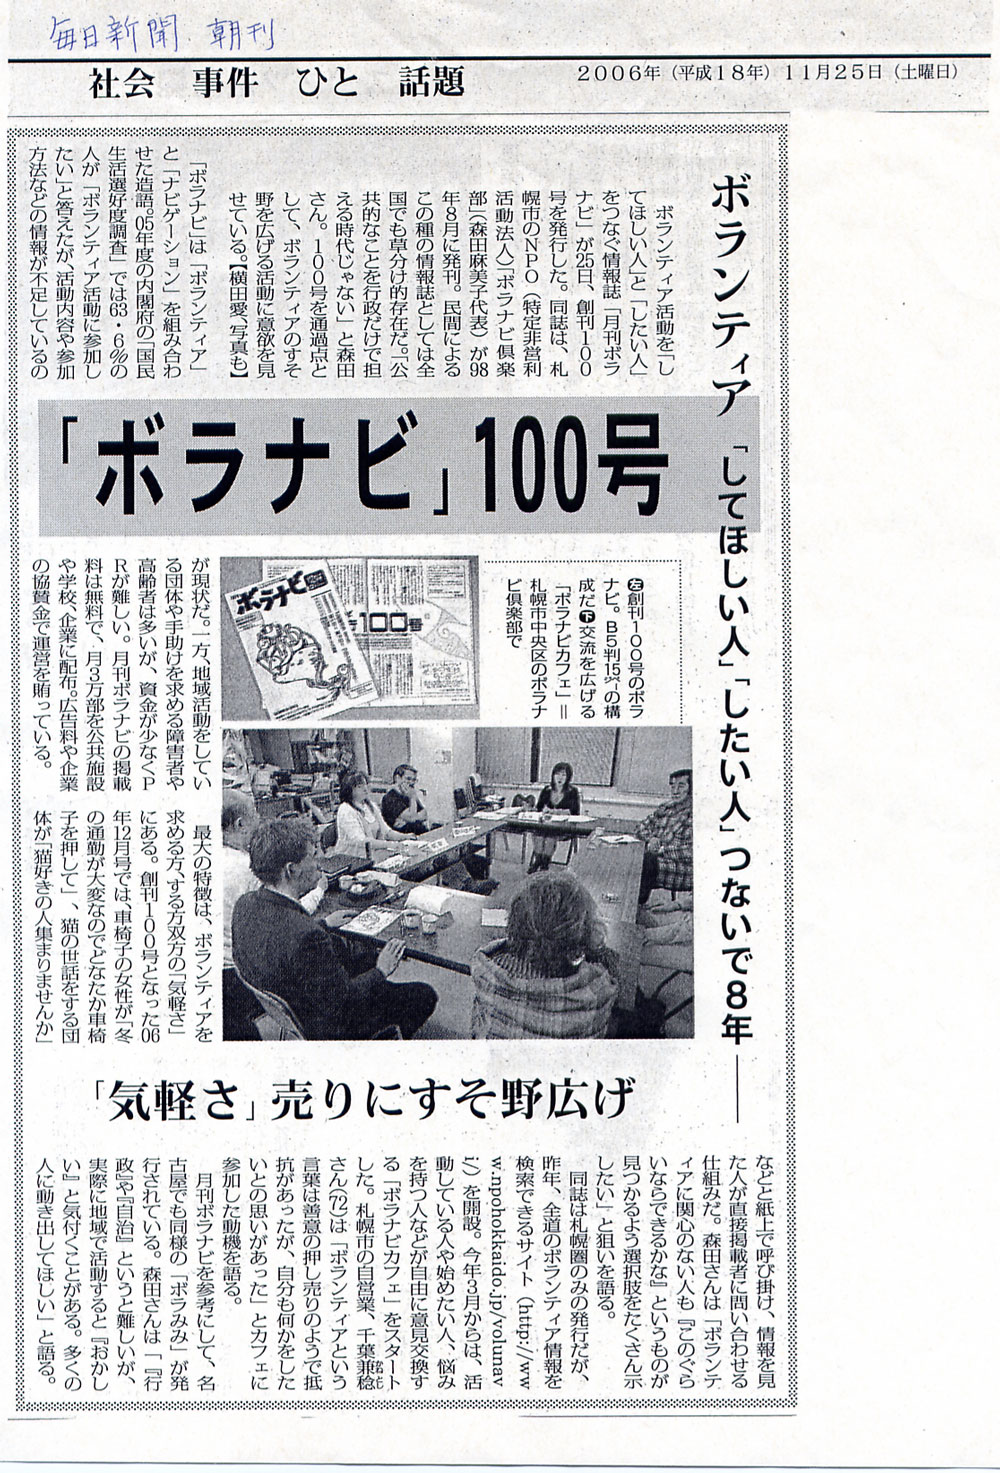 2006年11月25日 毎日新聞夕刊